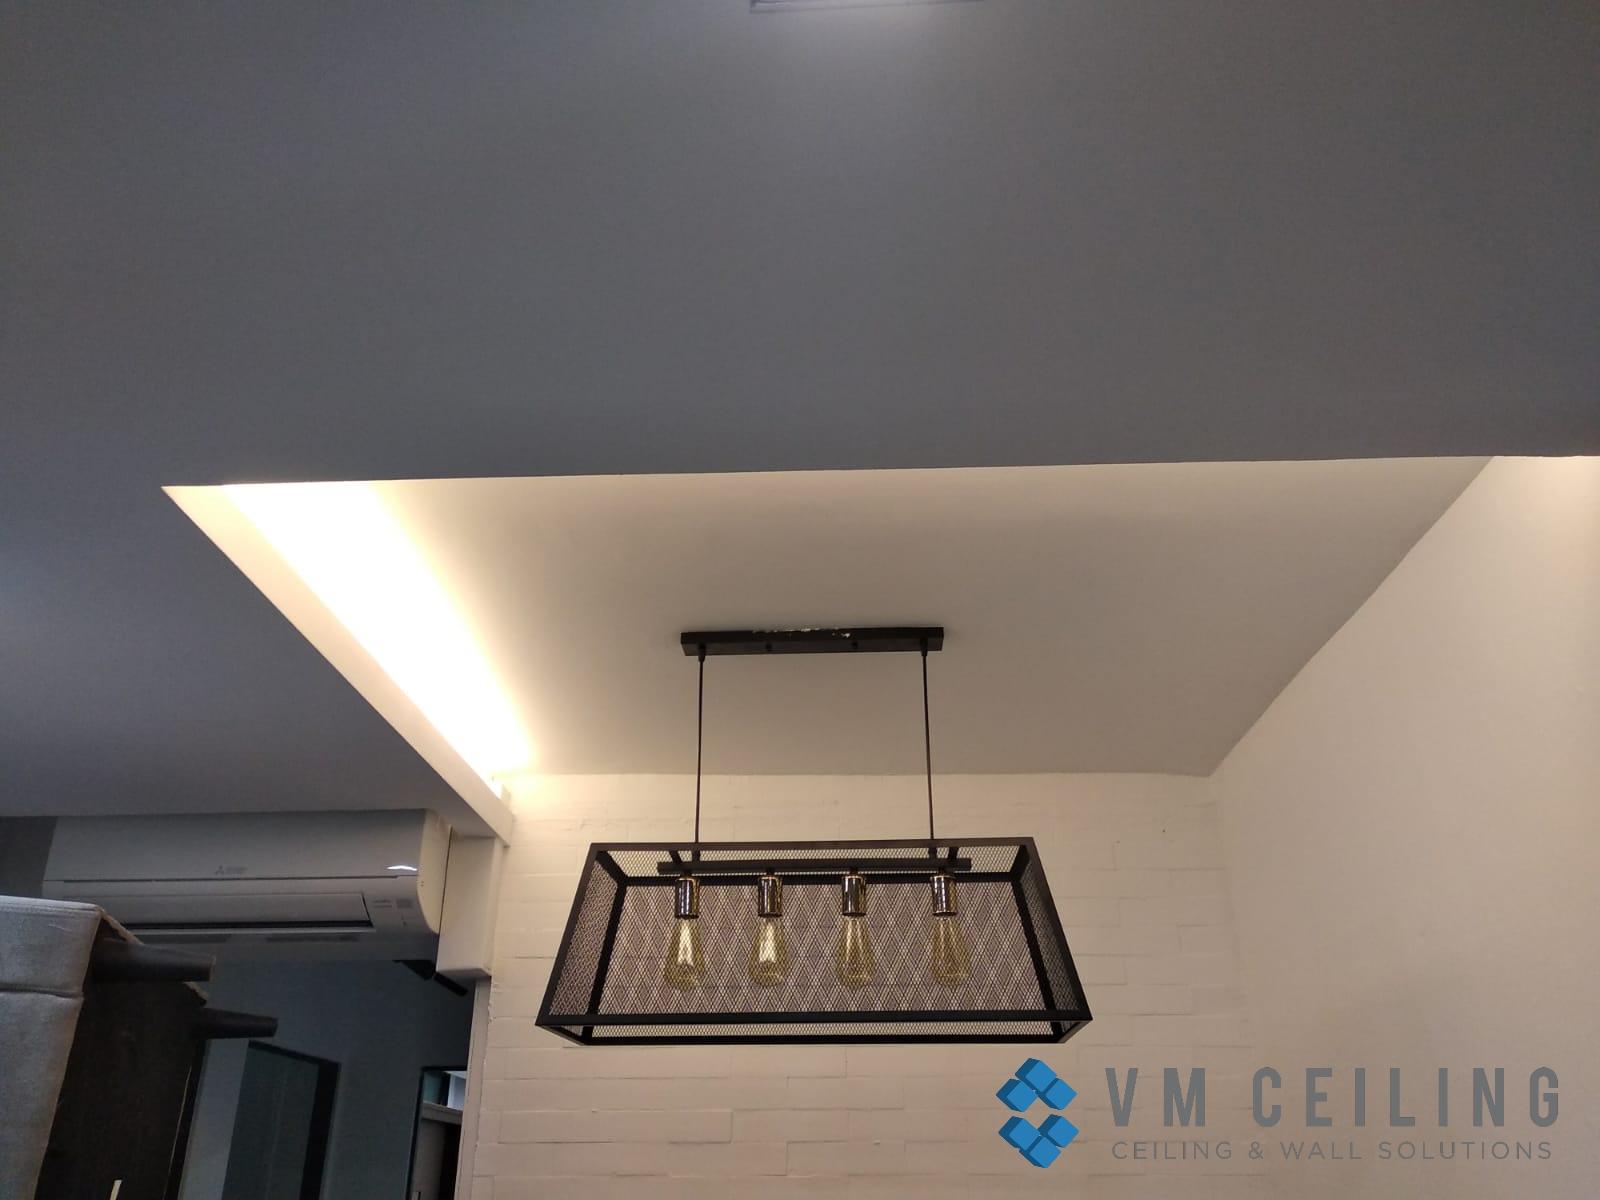 living room false ceiling cove lighting vm ceiling singapore hdb woodlands 1